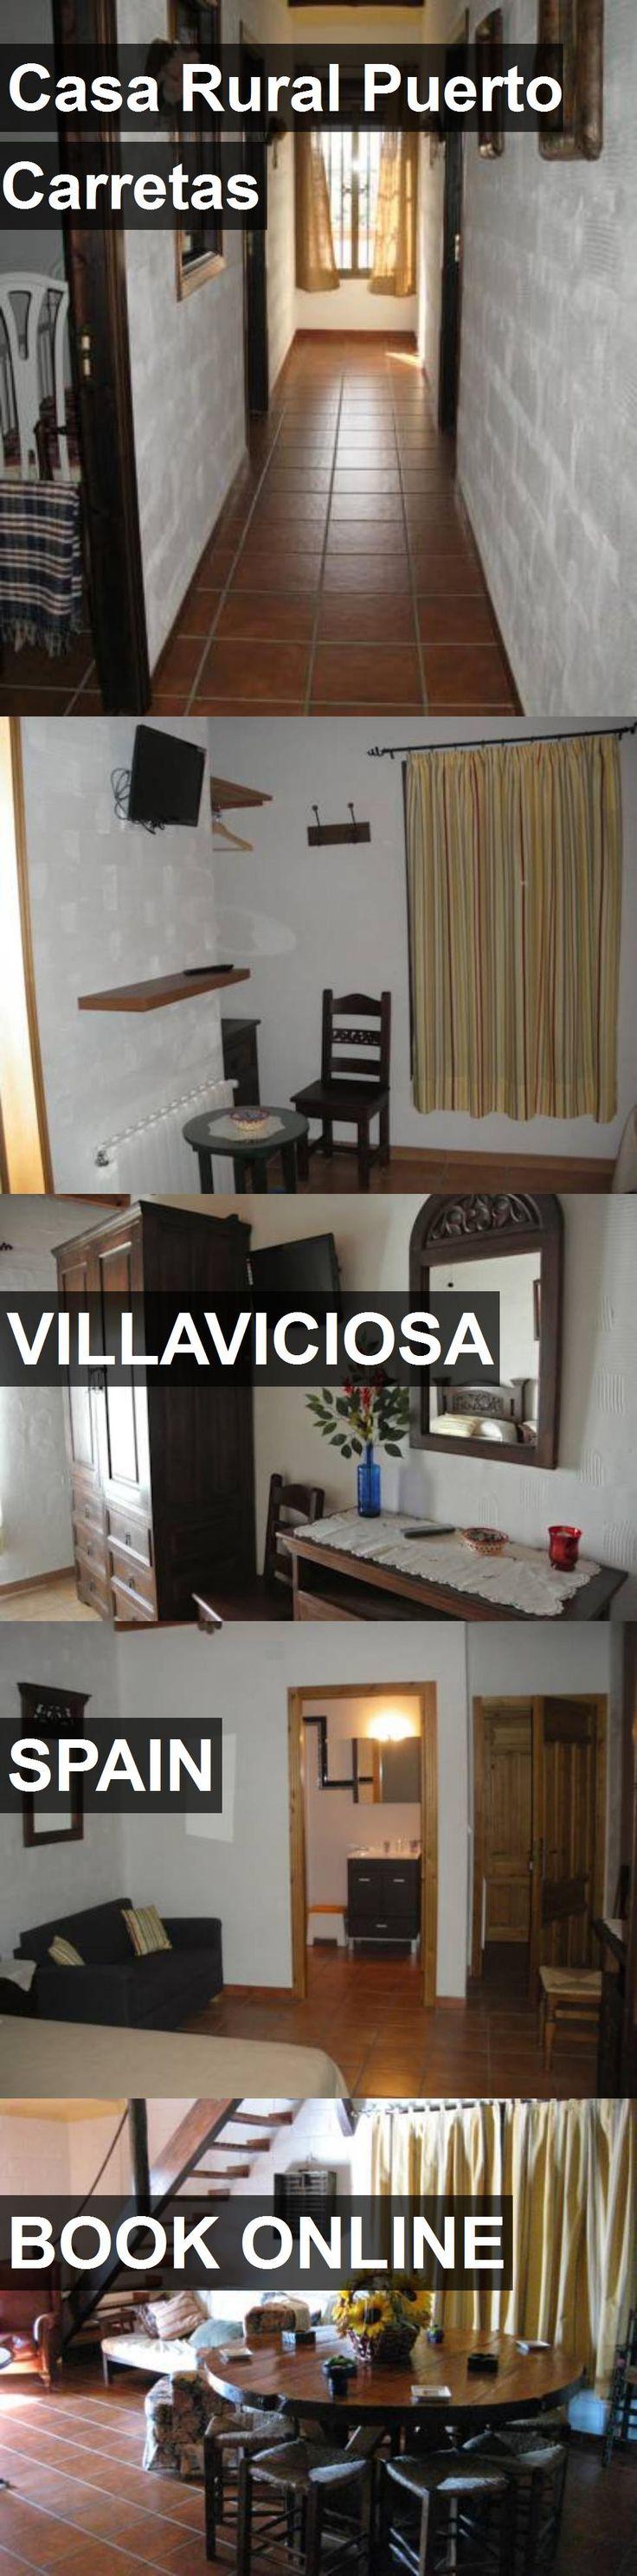 Hotel Casa Rural Puerto Carretas in Villaviciosa, Spain. For more information, photos, reviews and best prices please follow the link. #Spain #Villaviciosa #travel #vacation #hotel